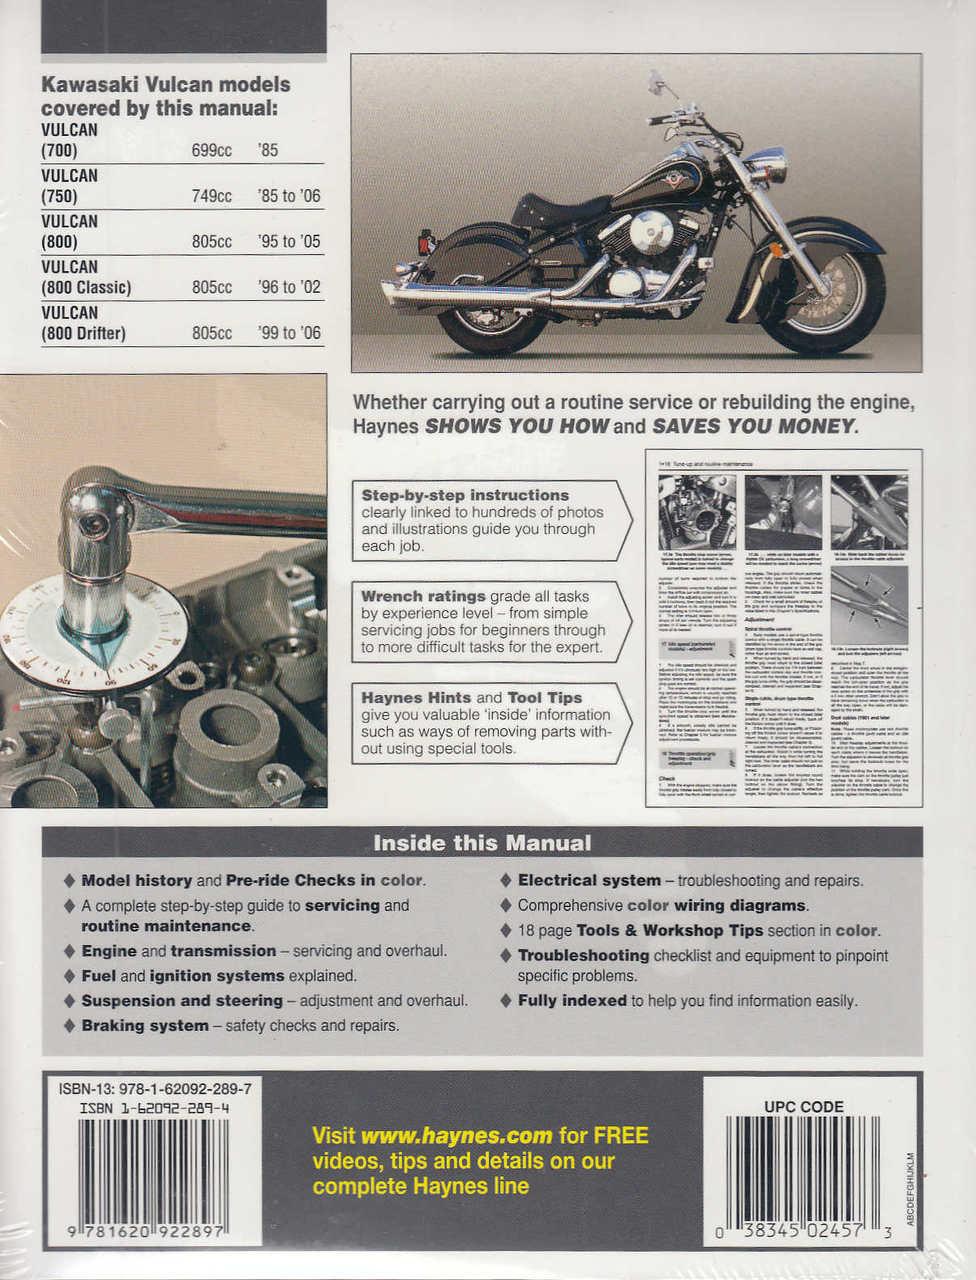 Kawasaki Vulcan 700, 750 and 800 1985 - 2006 Workshop Manual on